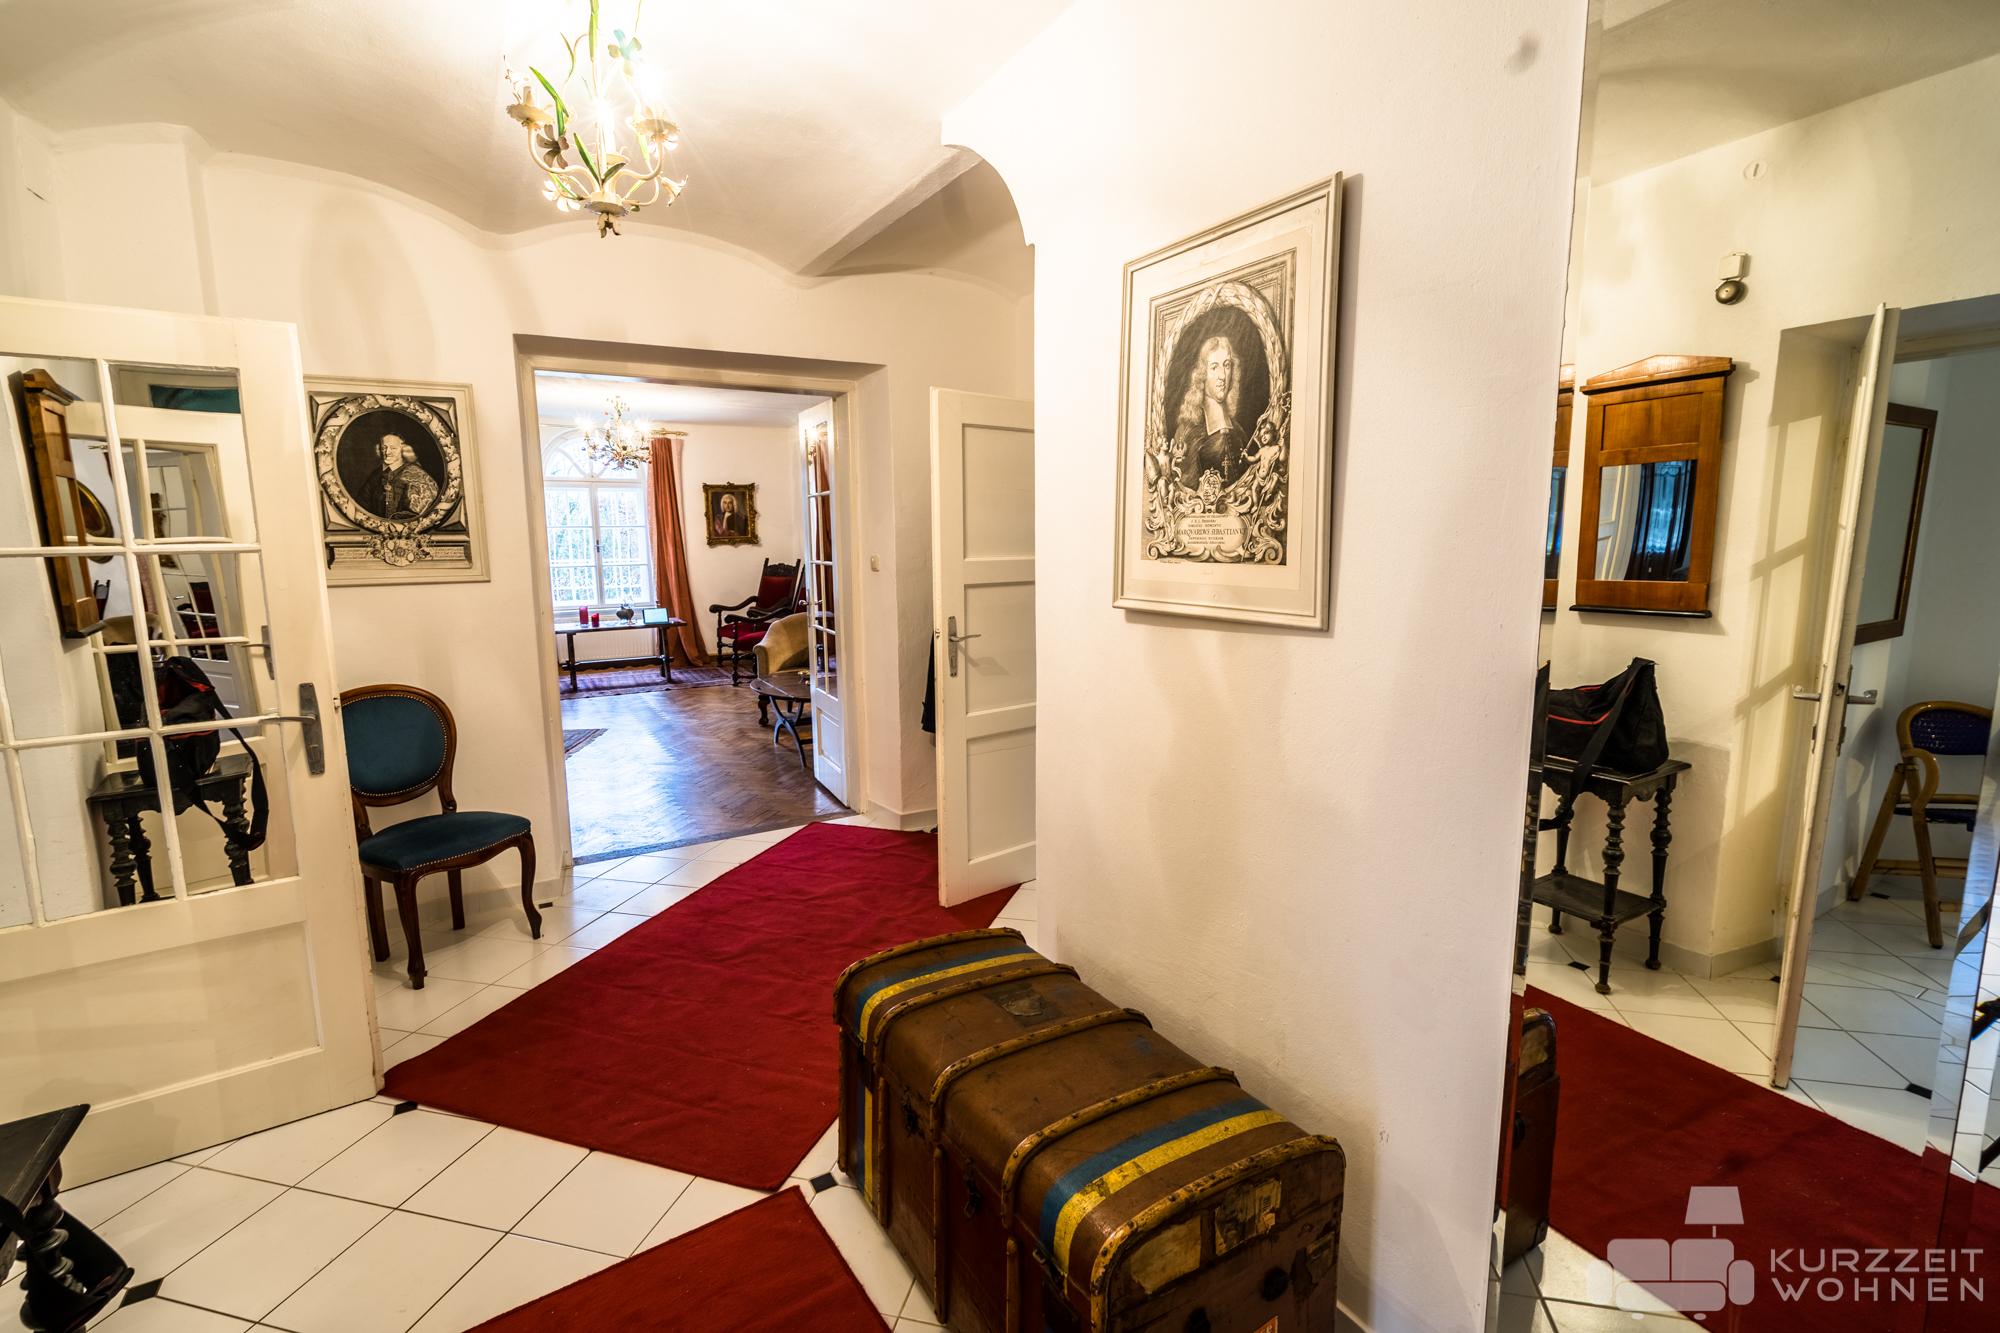 traditionell eingerichtete 3-Zimmer-Wohnung in Hellbrunn ...